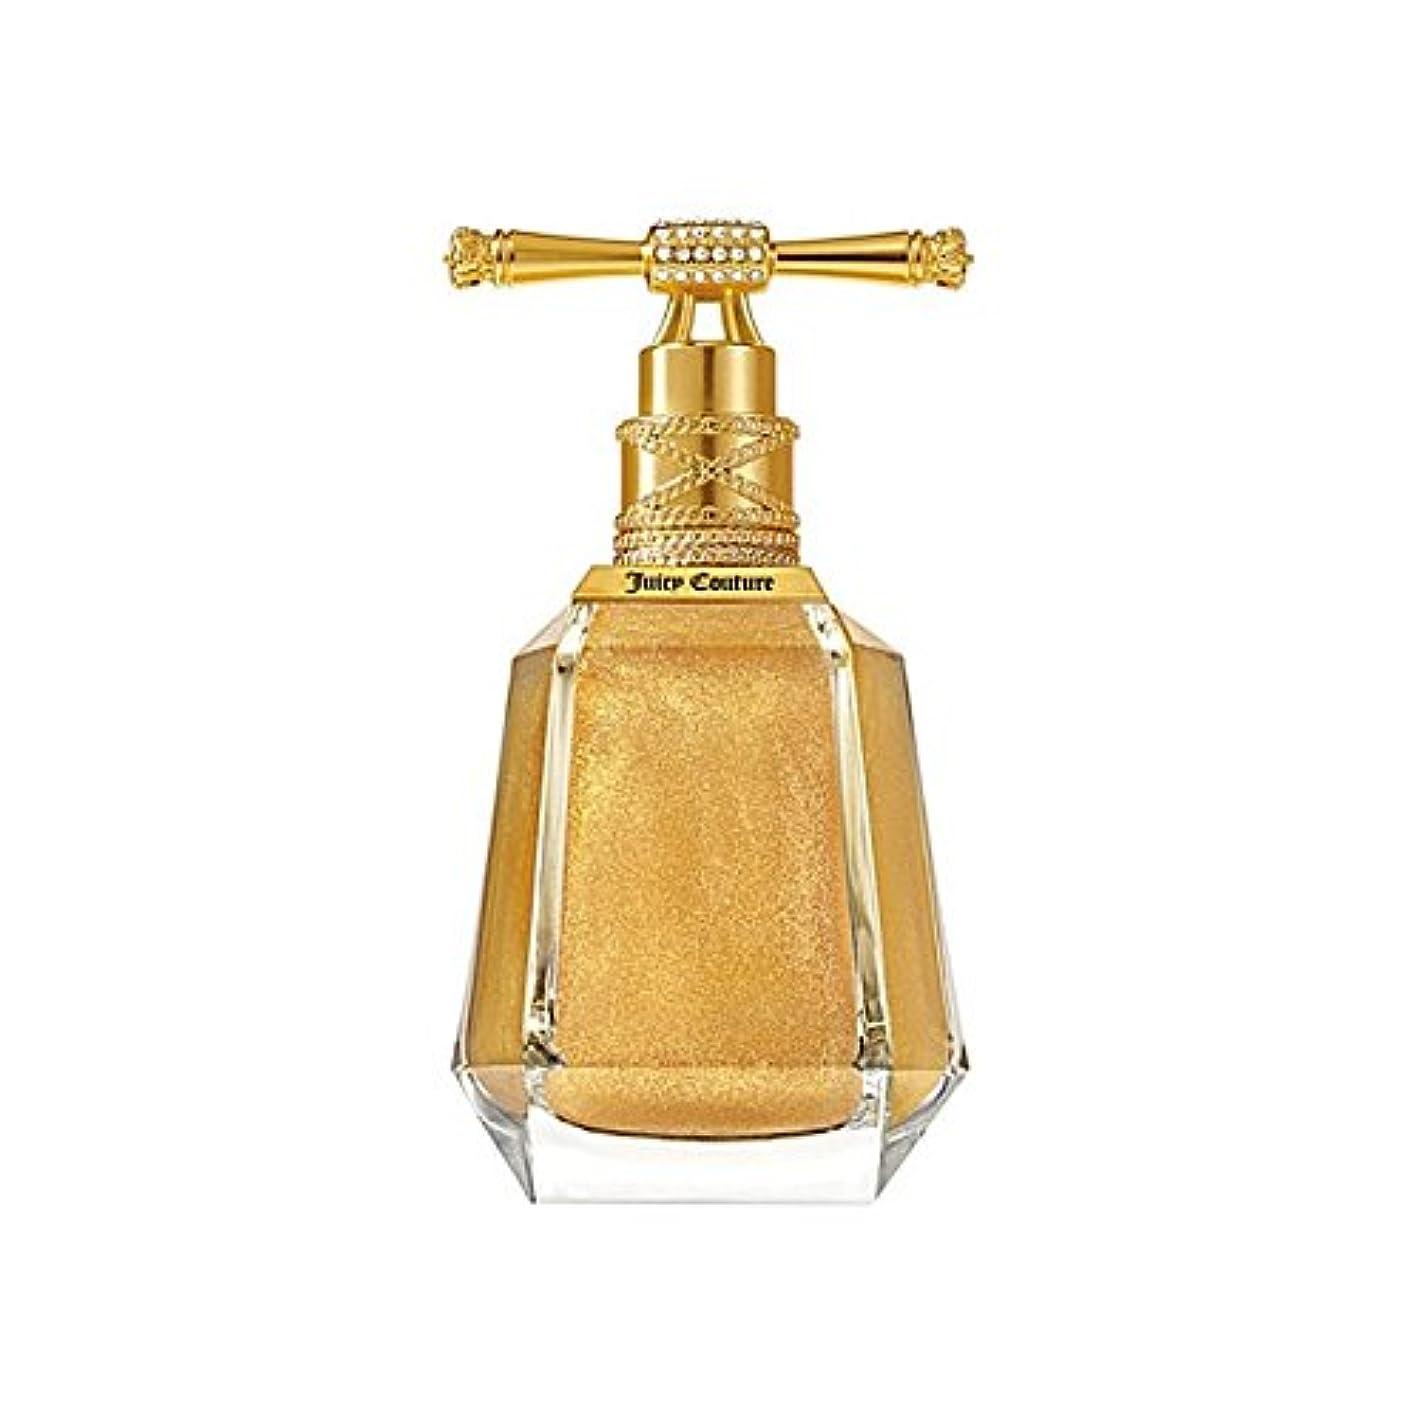 大きさシエスタ死にかけているジューシークチュールドライオイルきらめきミスト100ミリリットル x4 - Juicy Couture Dry Oil Shimmer Mist 100ml (Pack of 4) [並行輸入品]